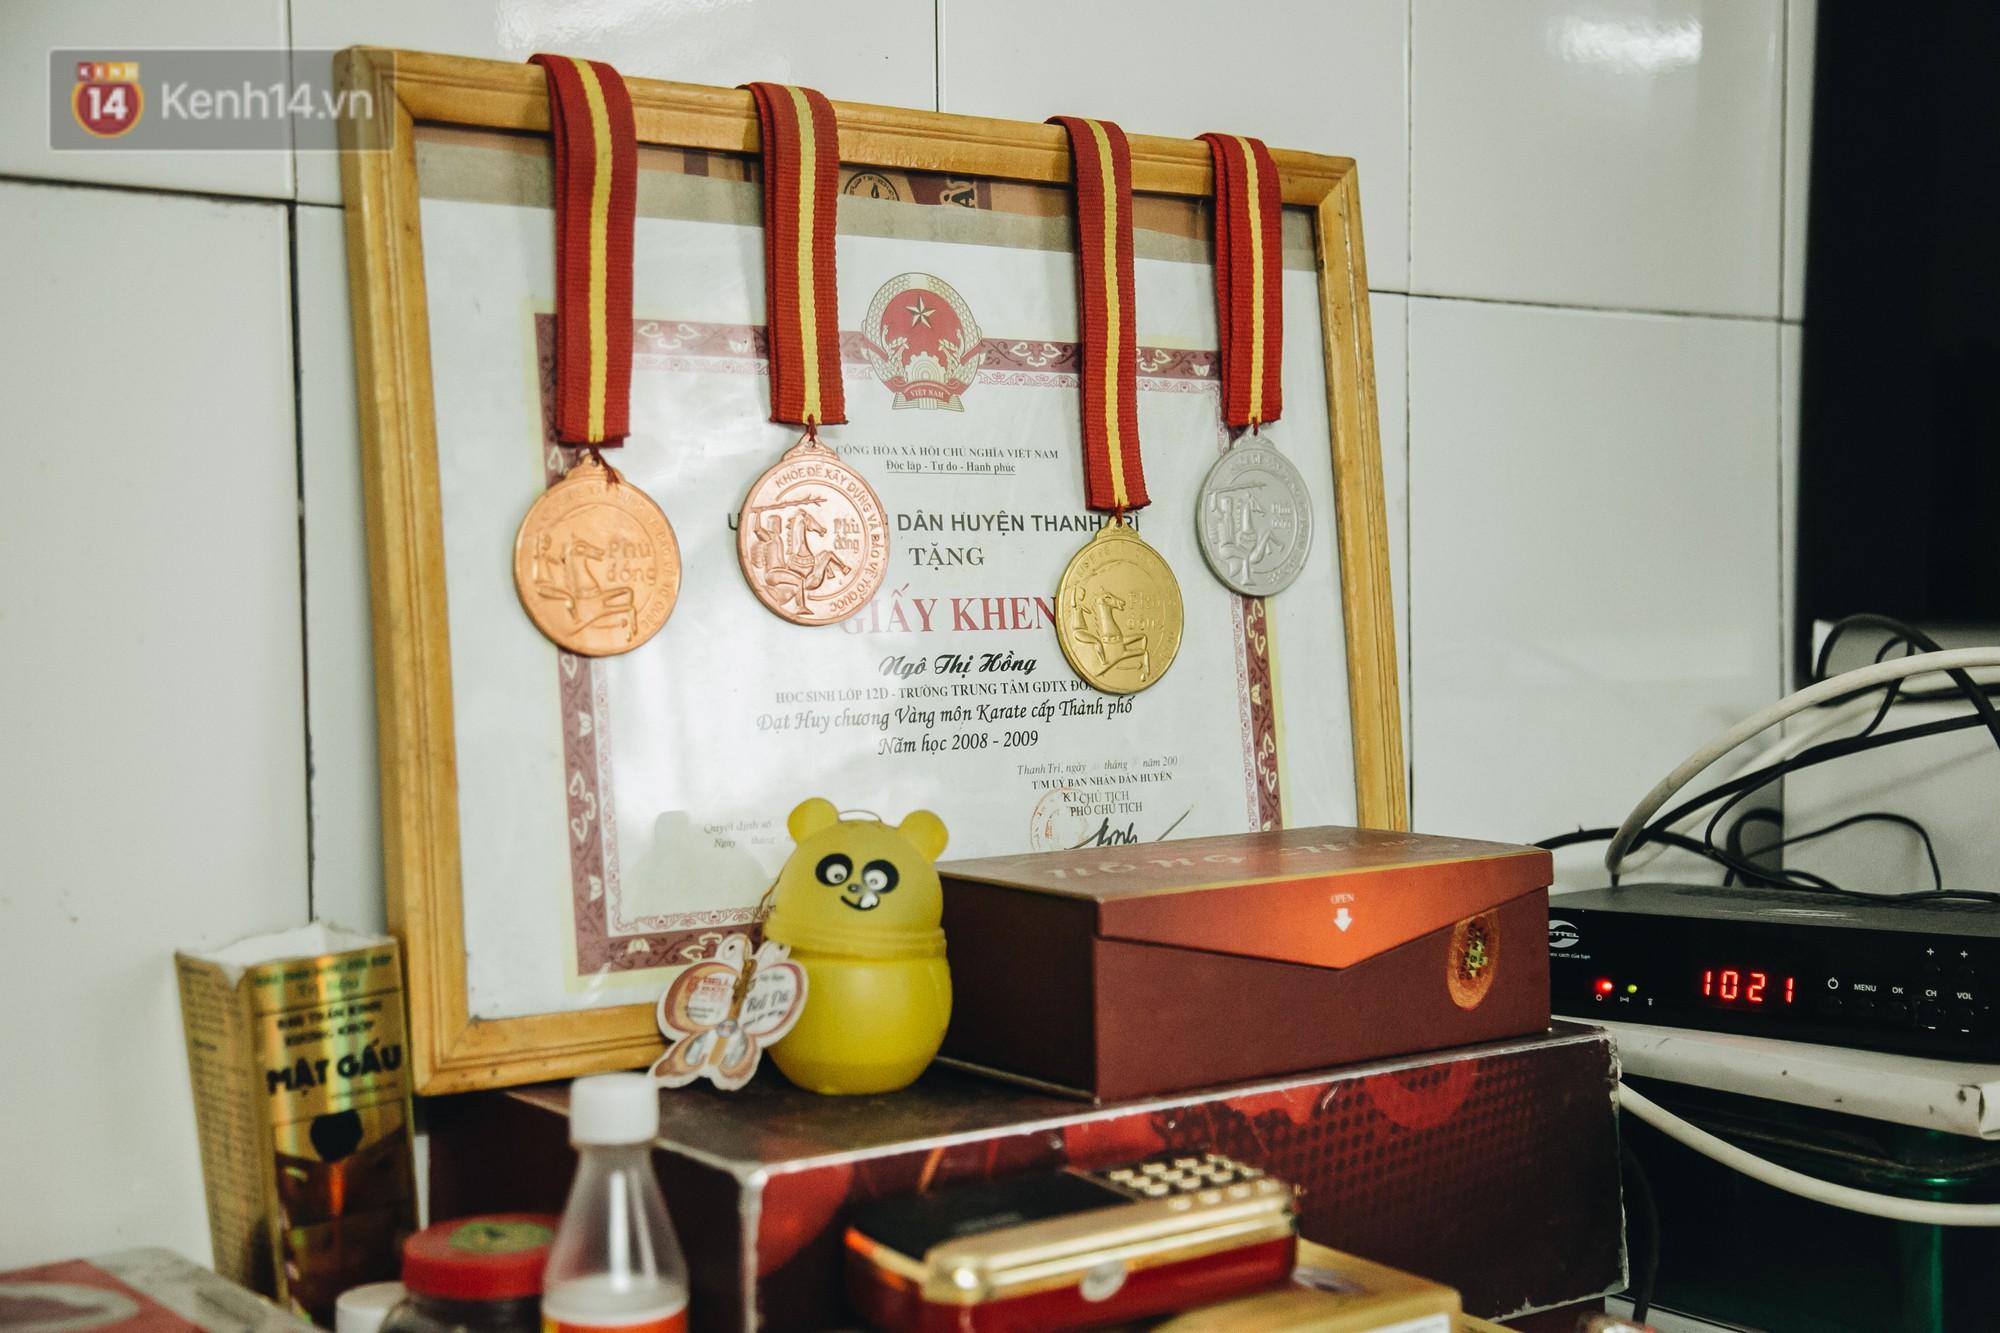 Bi kịch của cô gái vàng Karatedo Việt Nam: Bại liệt ở tuổi 20, từng nhiều lần tự tử và từ bỏ mối tình đẹp để người yêu kiếm hạnh phúc mới - Ảnh 3.